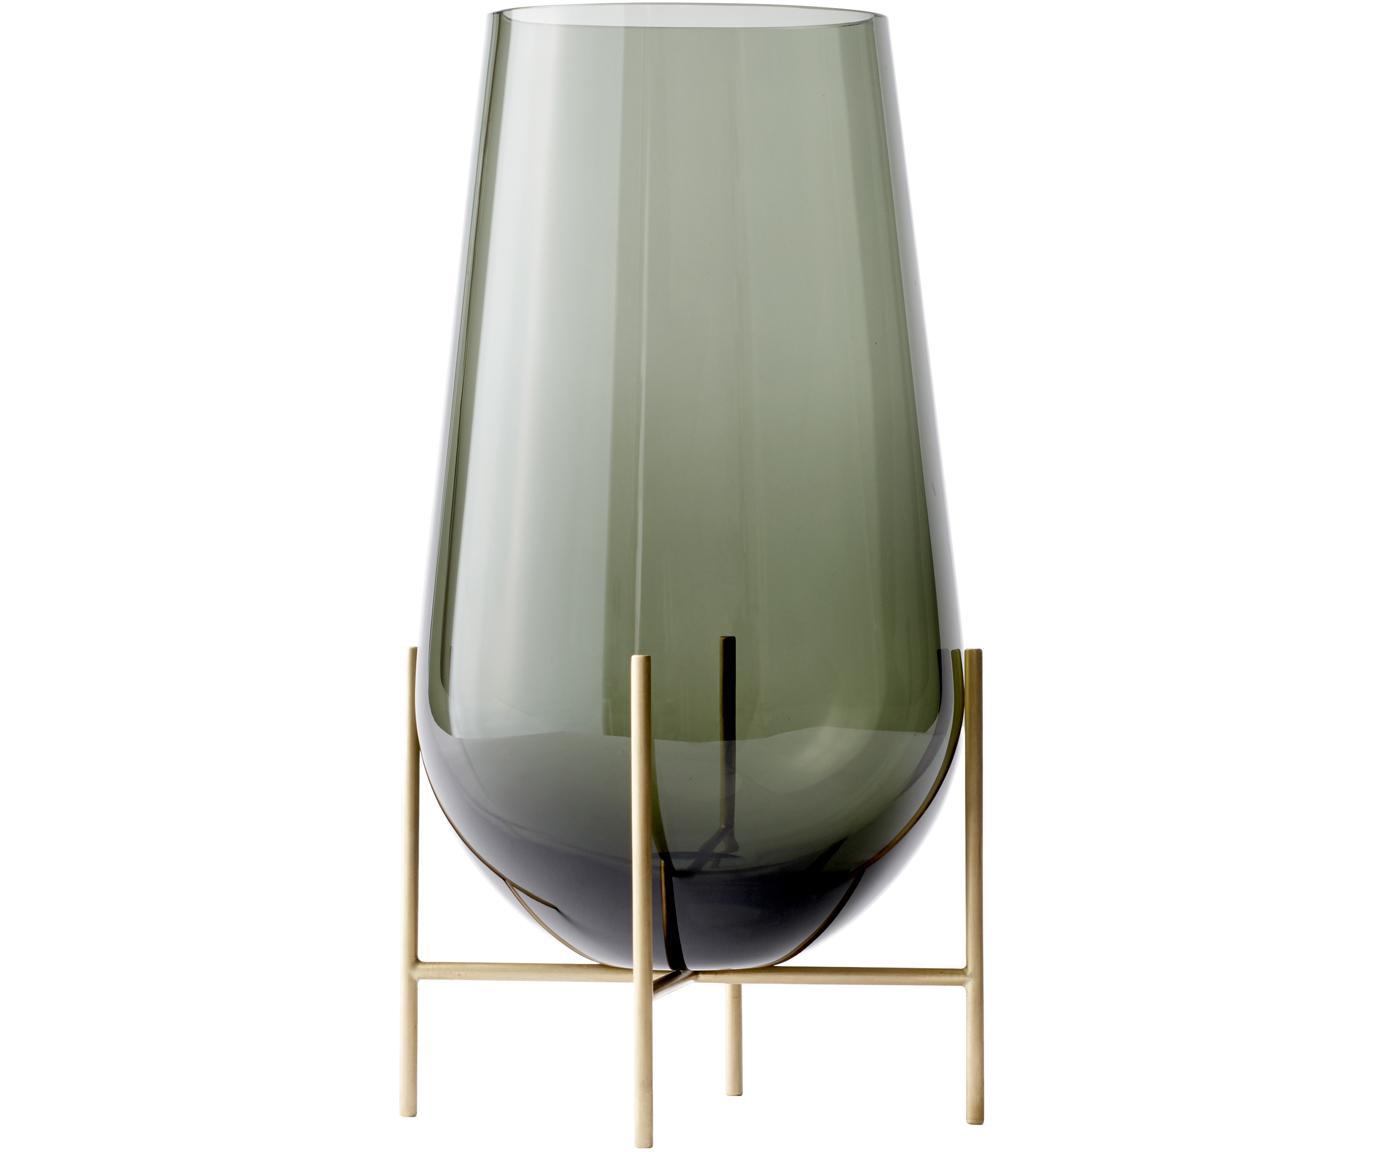 Jarrón de suelo de vidrio soplado Échasse, Estructura: latón, Jarrón: vidrio, soplado artesanal, Latón, gris, Ø 20 x Al 60 cm